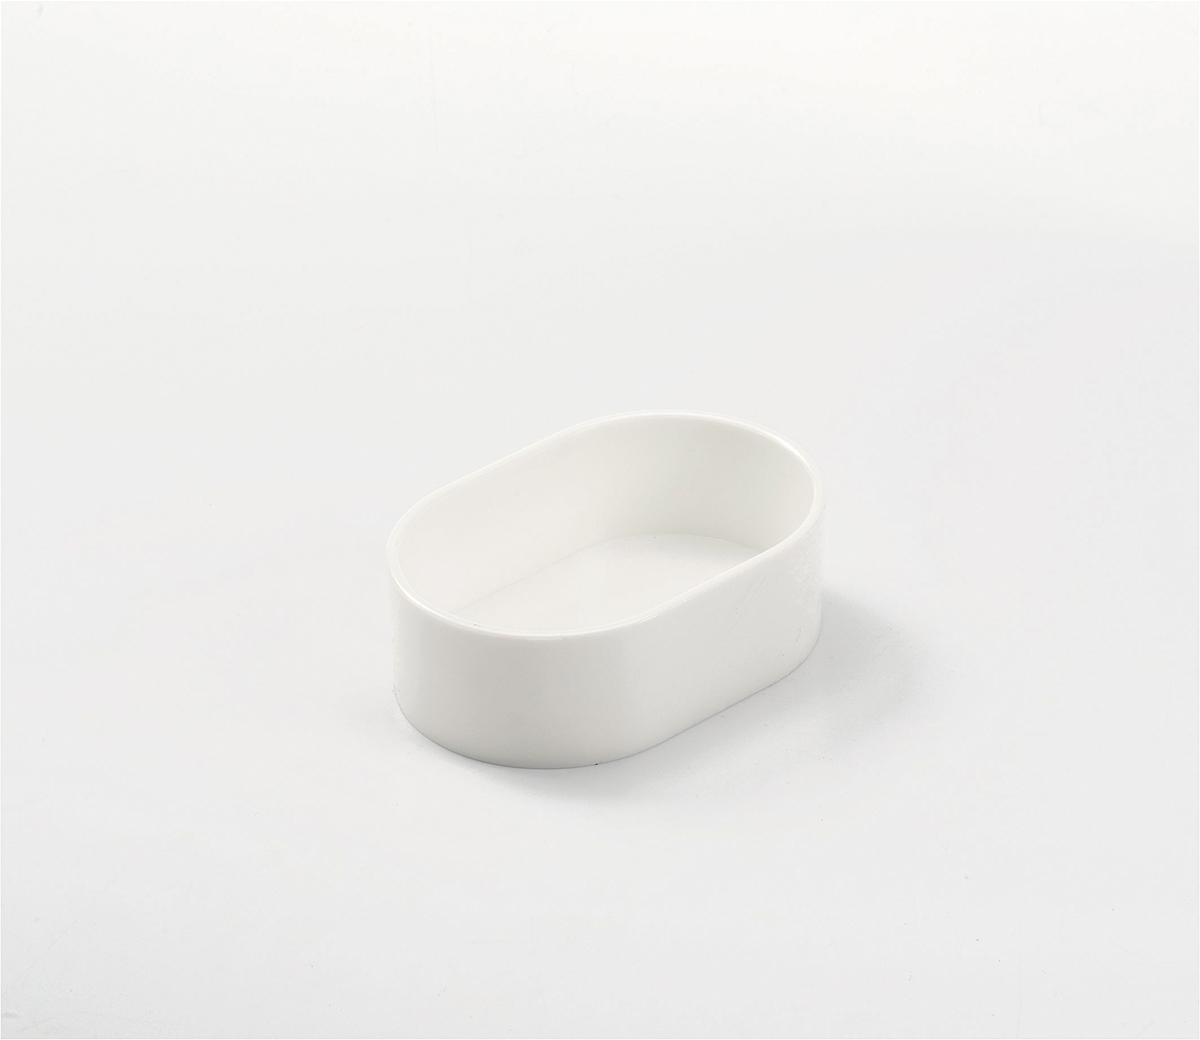 Productafbeelding voor 'Eivoerpot ovaal wit'